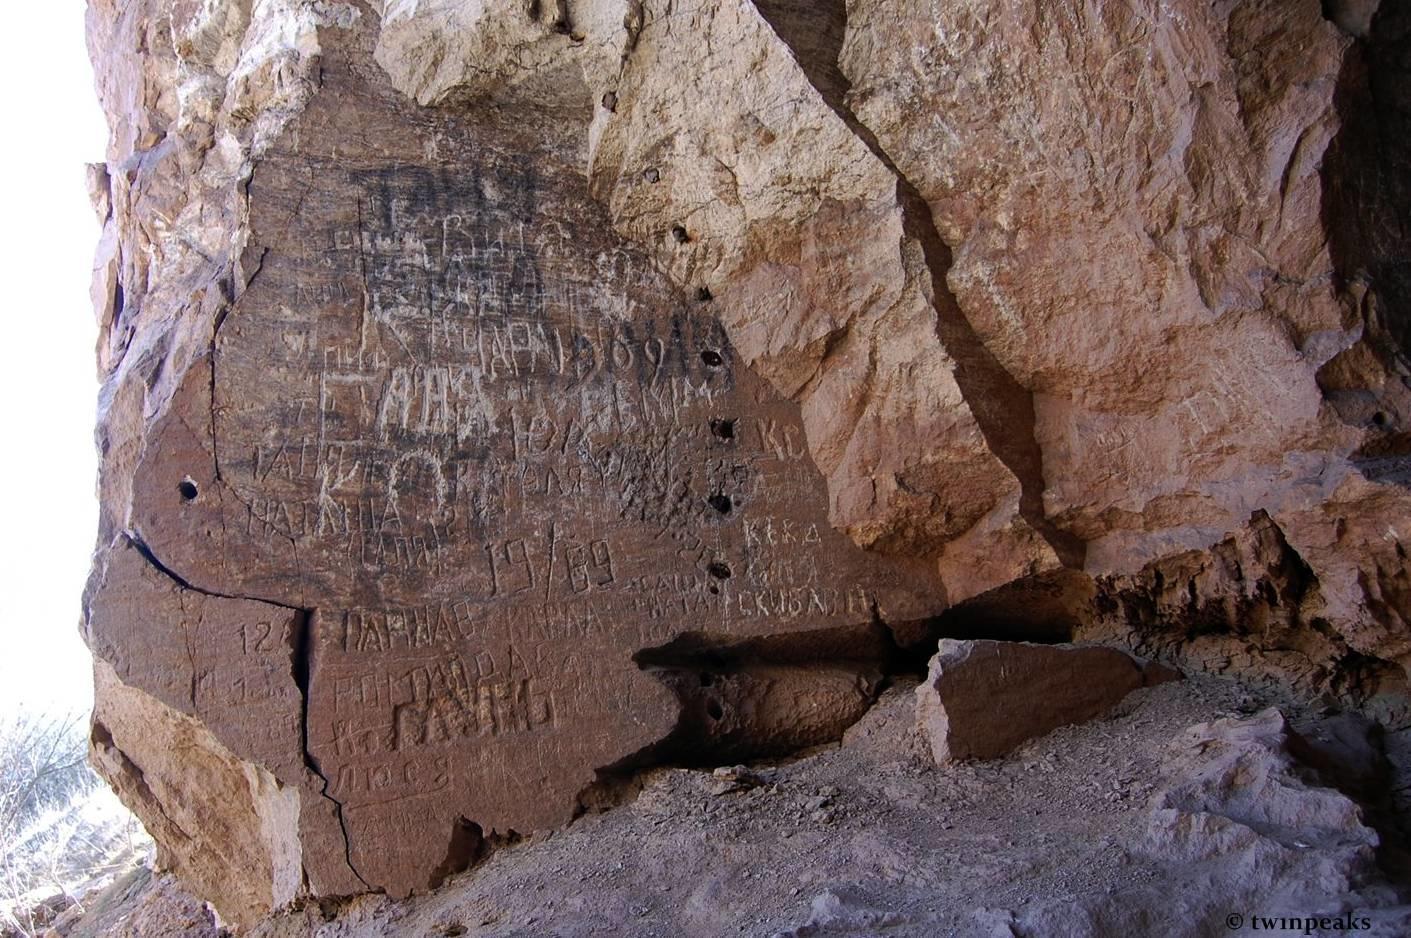 надписи туристів у печерах Іванграда біля Бахмута